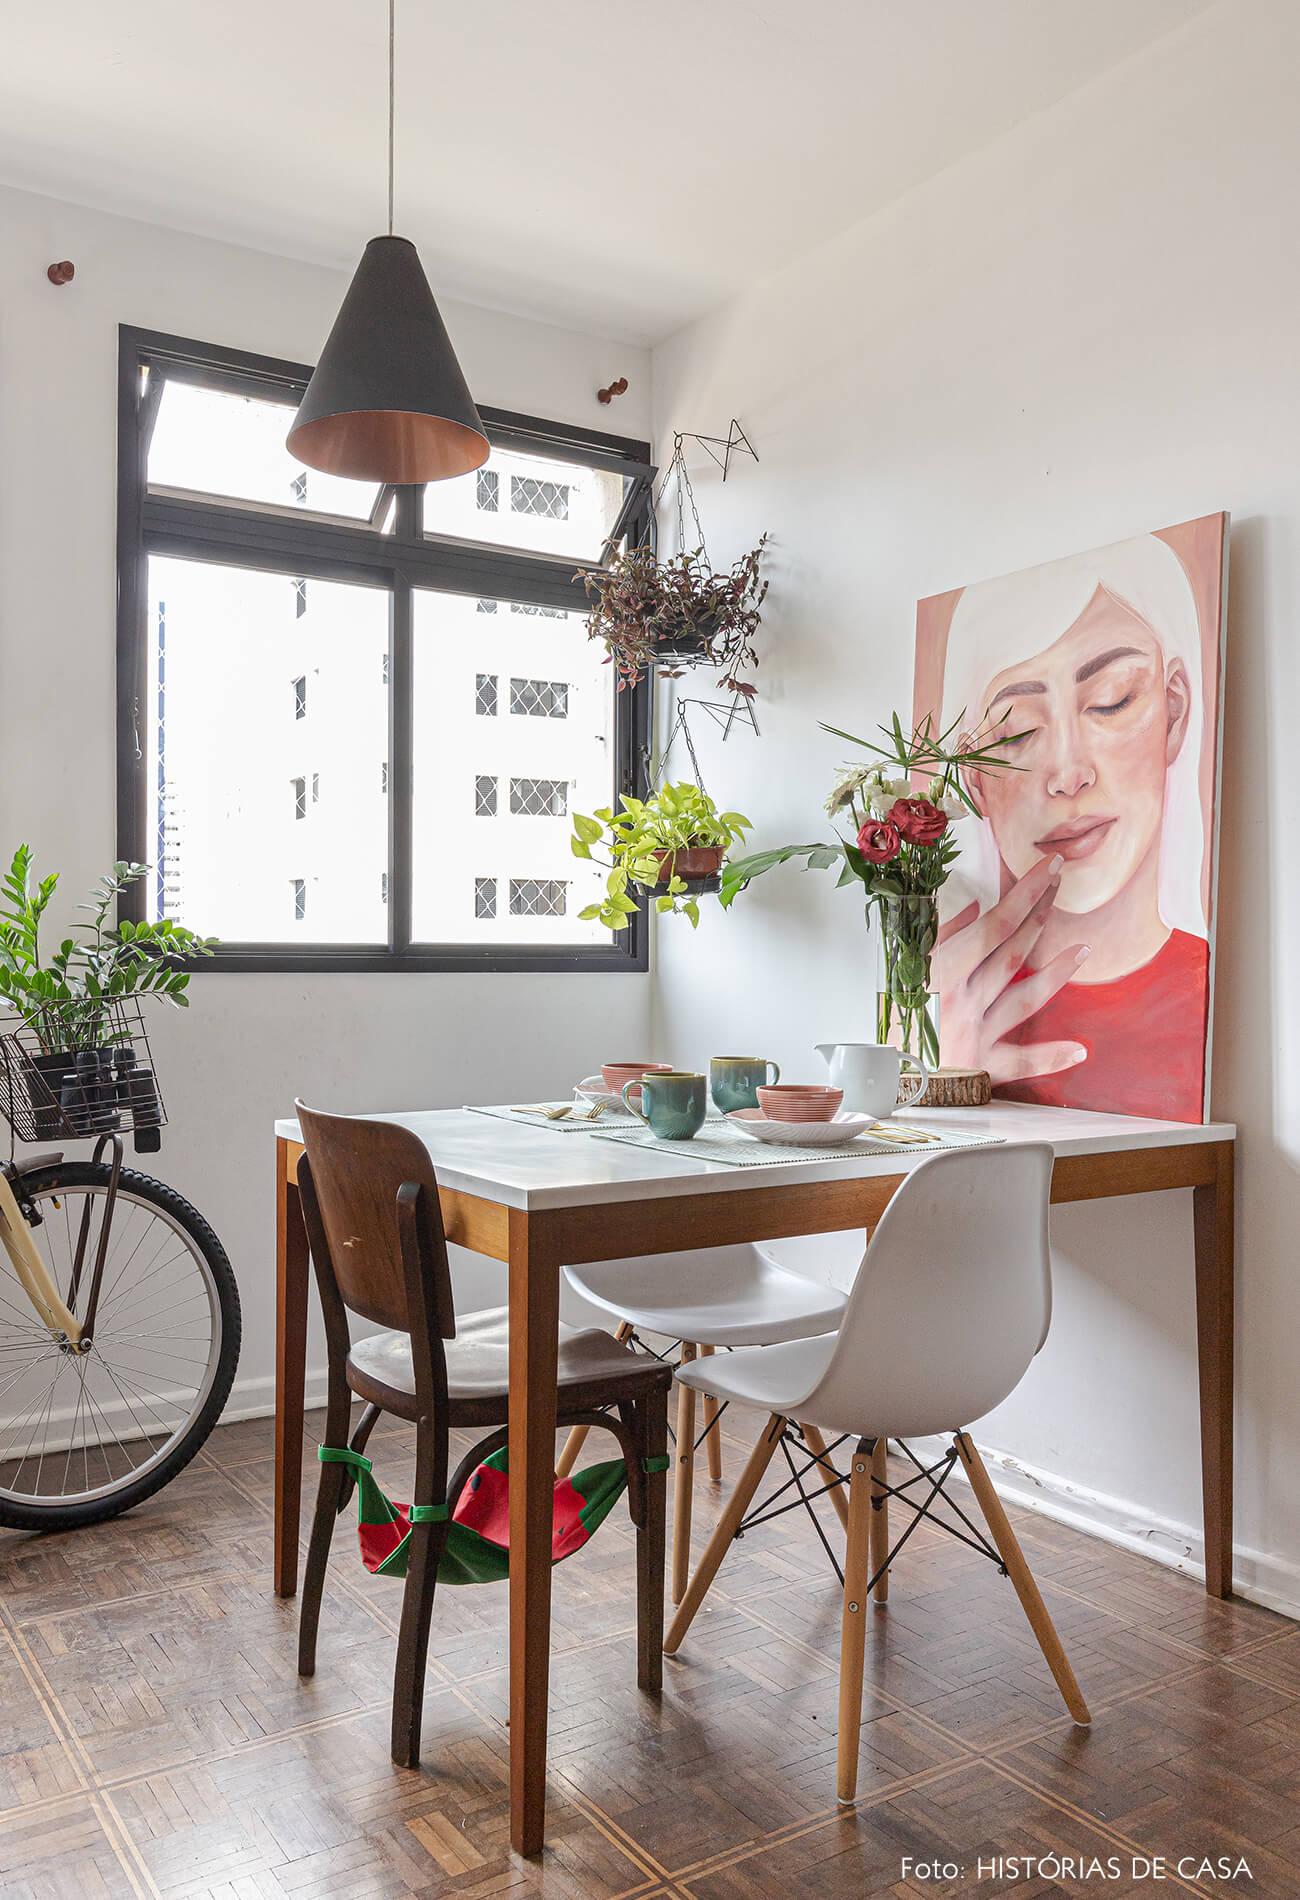 decoração-mesa-jantar-com-pintura-e-flores